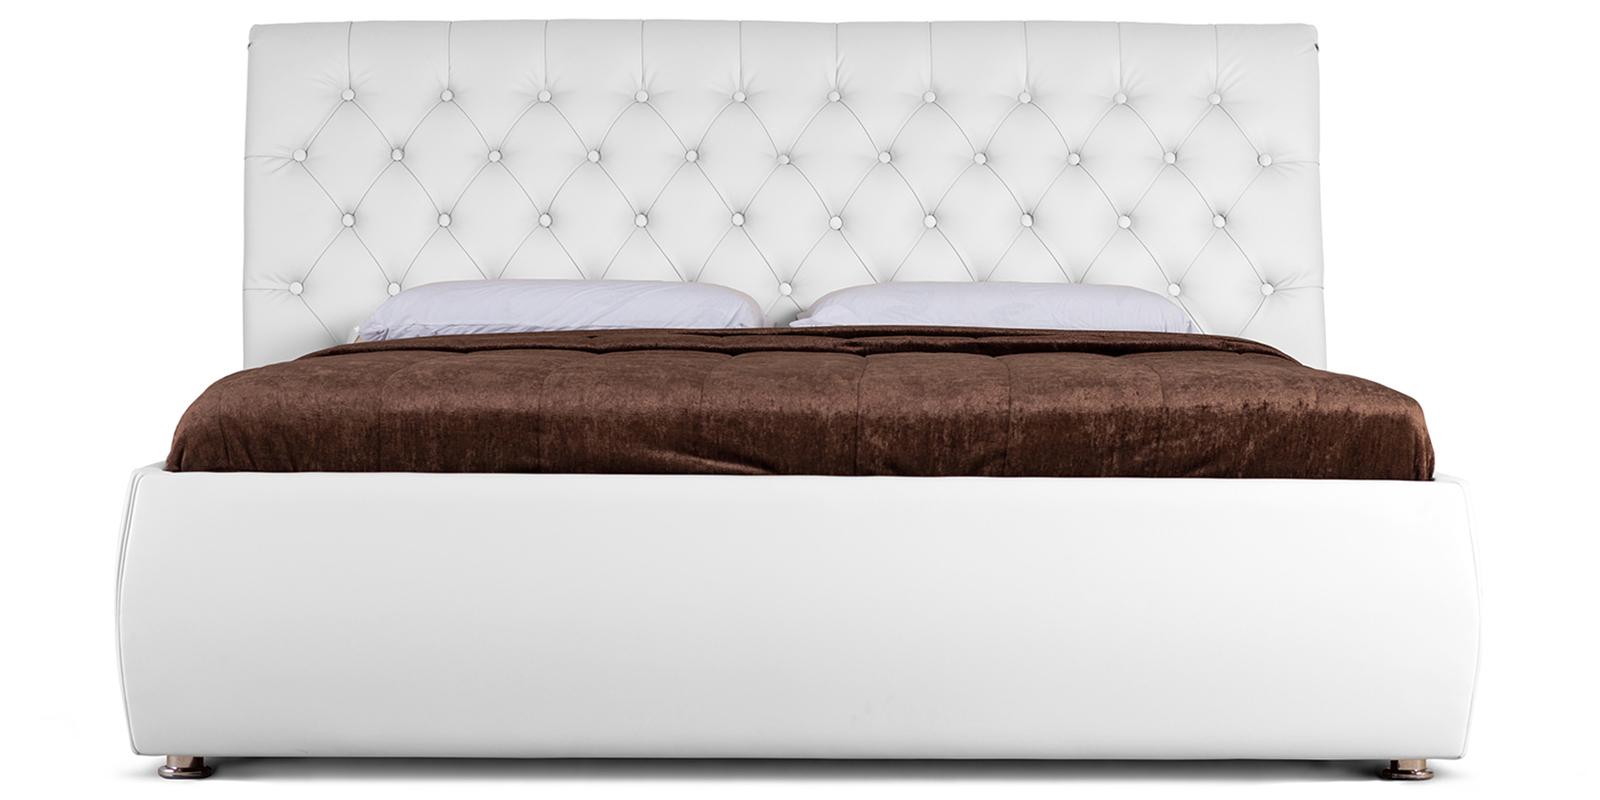 Мягкая кровать 200х160 Малибу вариант №6 с подъемным механизмом (Белый)